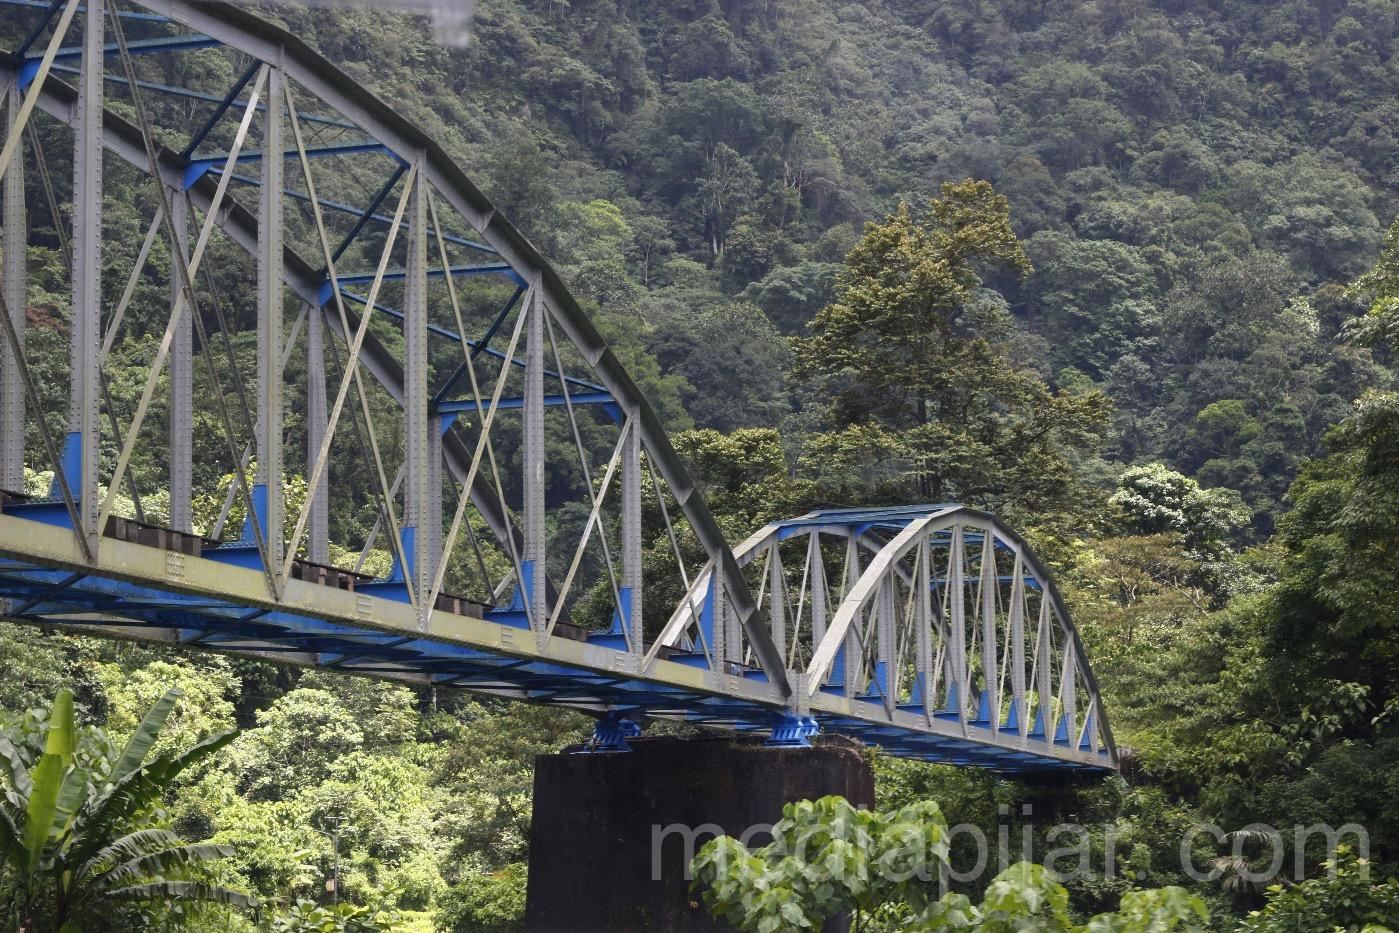 Terus maju demi satu tujuan, hutan dan gunung bukan rintangan. (Lokasi: Fly Over Kereta Api Padang Panjang, Sumatera Barat). (Fotografer : Muhammad Abdul Fattah )